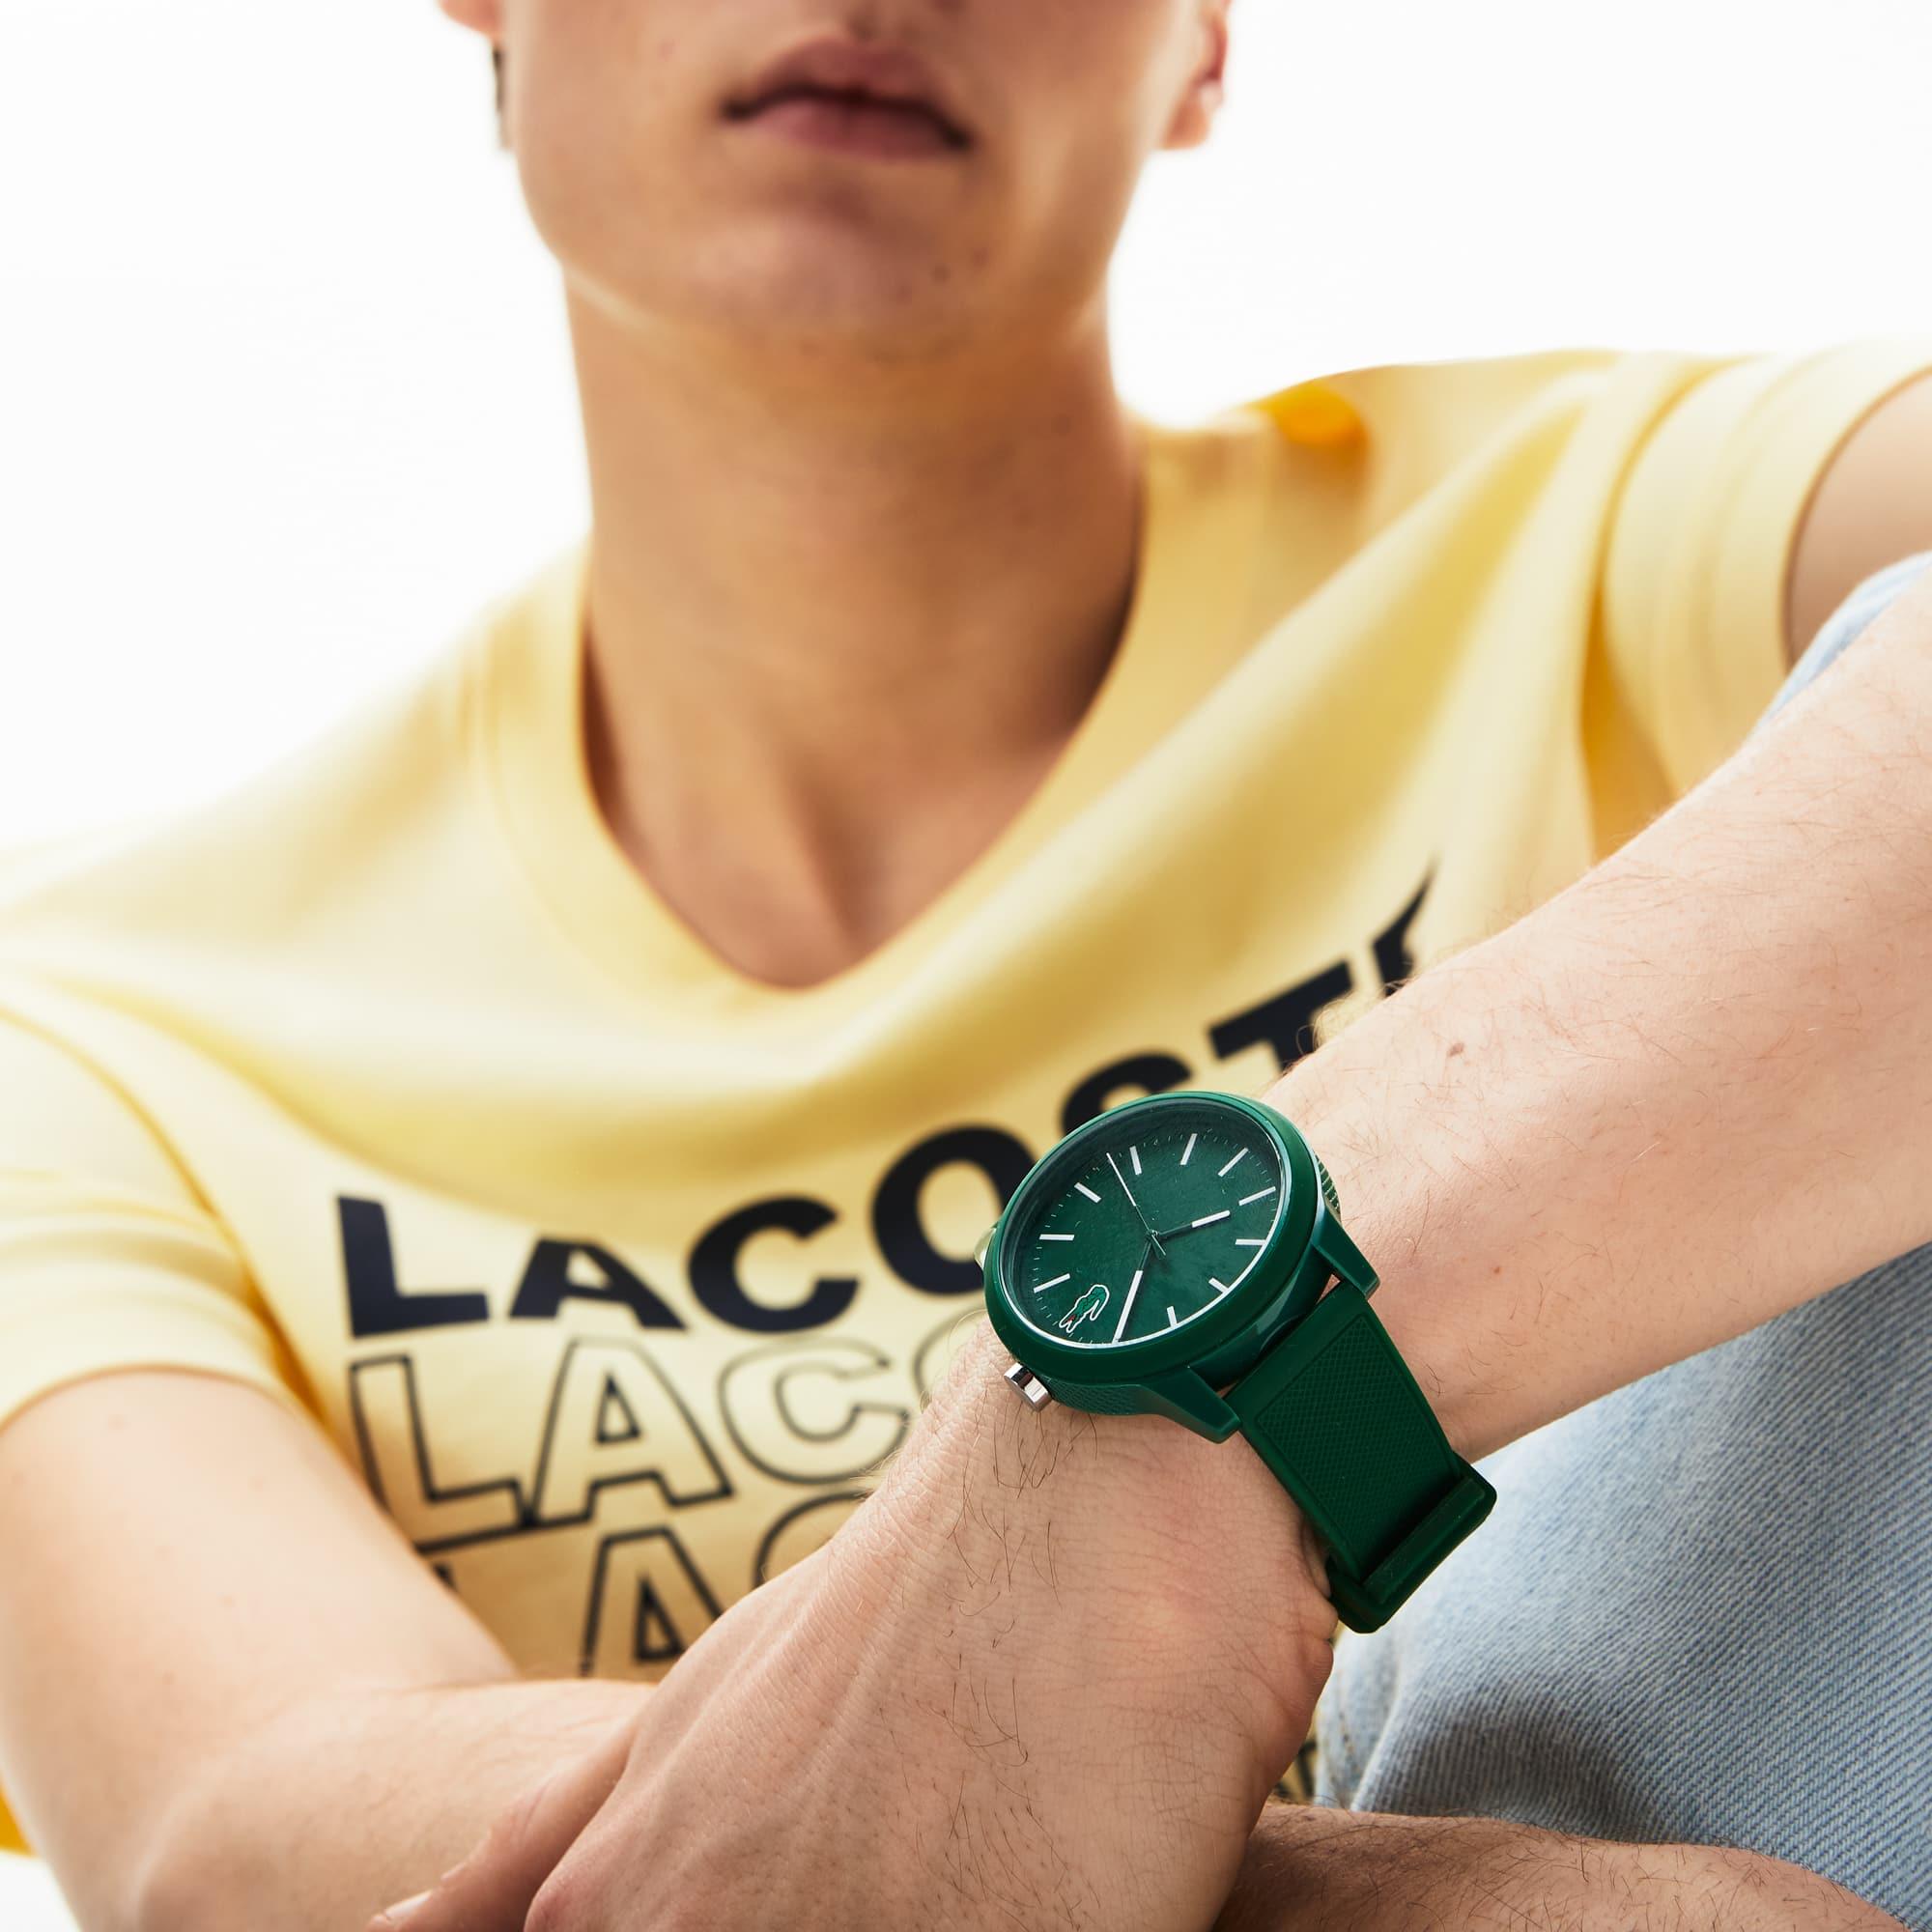 Vert Lacoste Silicone Montre Aiguilles Homme 12 3 Bracelet 12 Avec jLqSVGzUMp